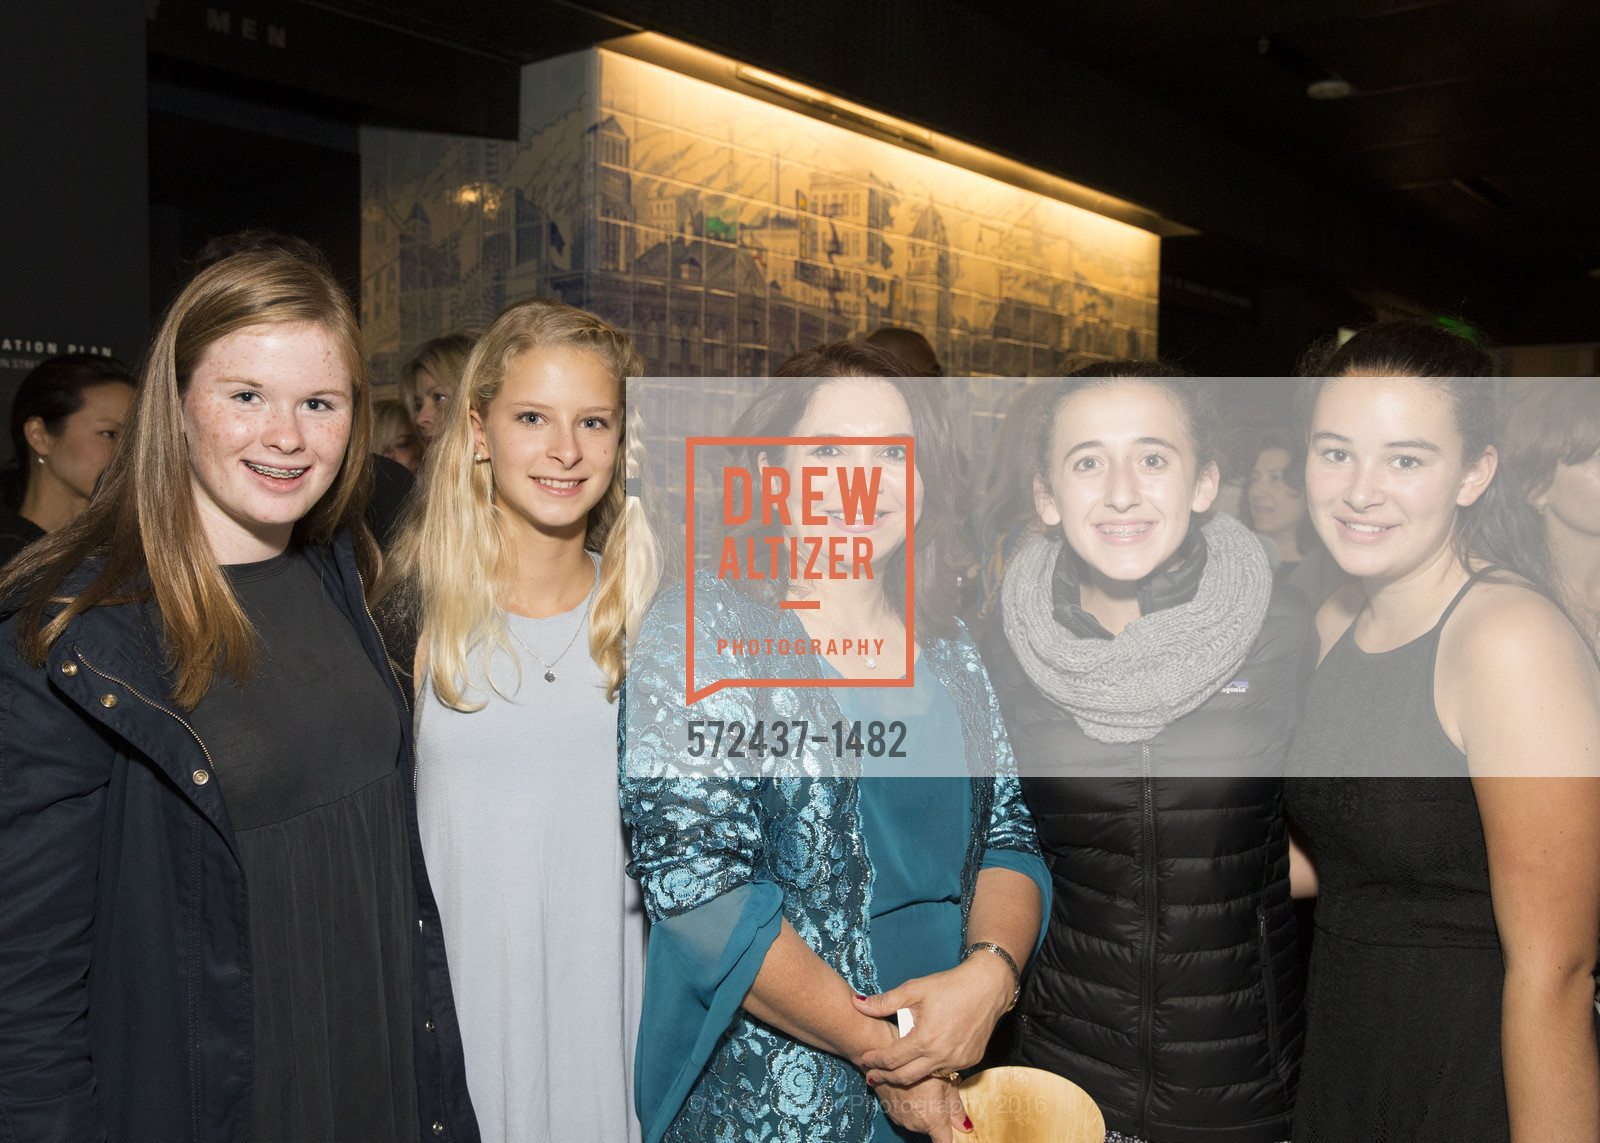 Aoife Mellett, Lia Kraaijvanger, Khanim Latif, Rachel Meisner, Kate ?, Photo #572437-1482